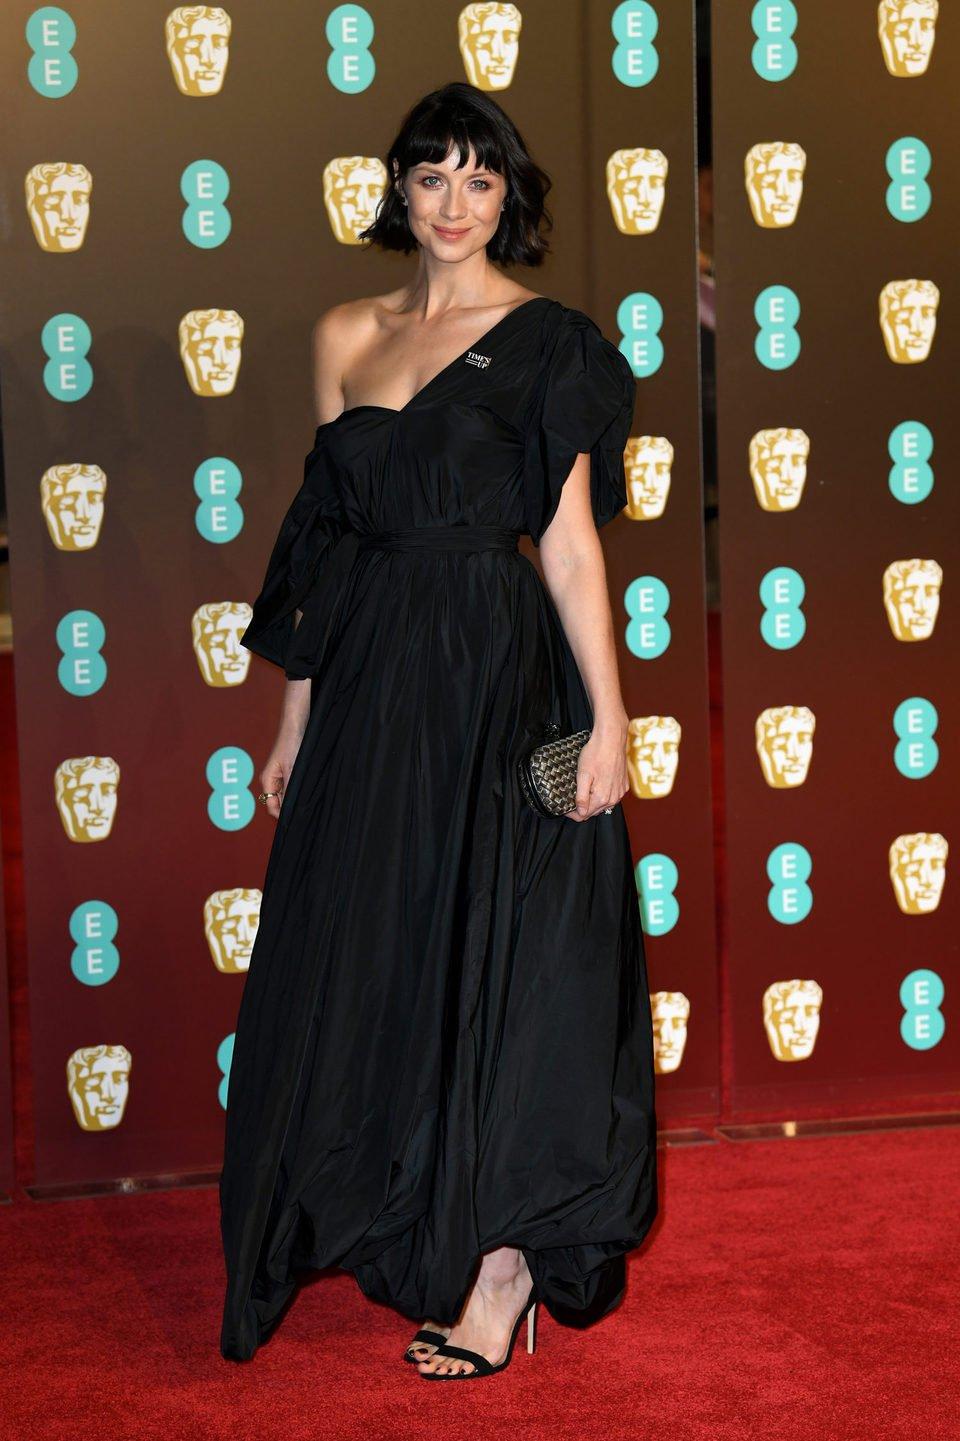 Caitriona Balfe at the BAFTA Awards' 2018 red carpet